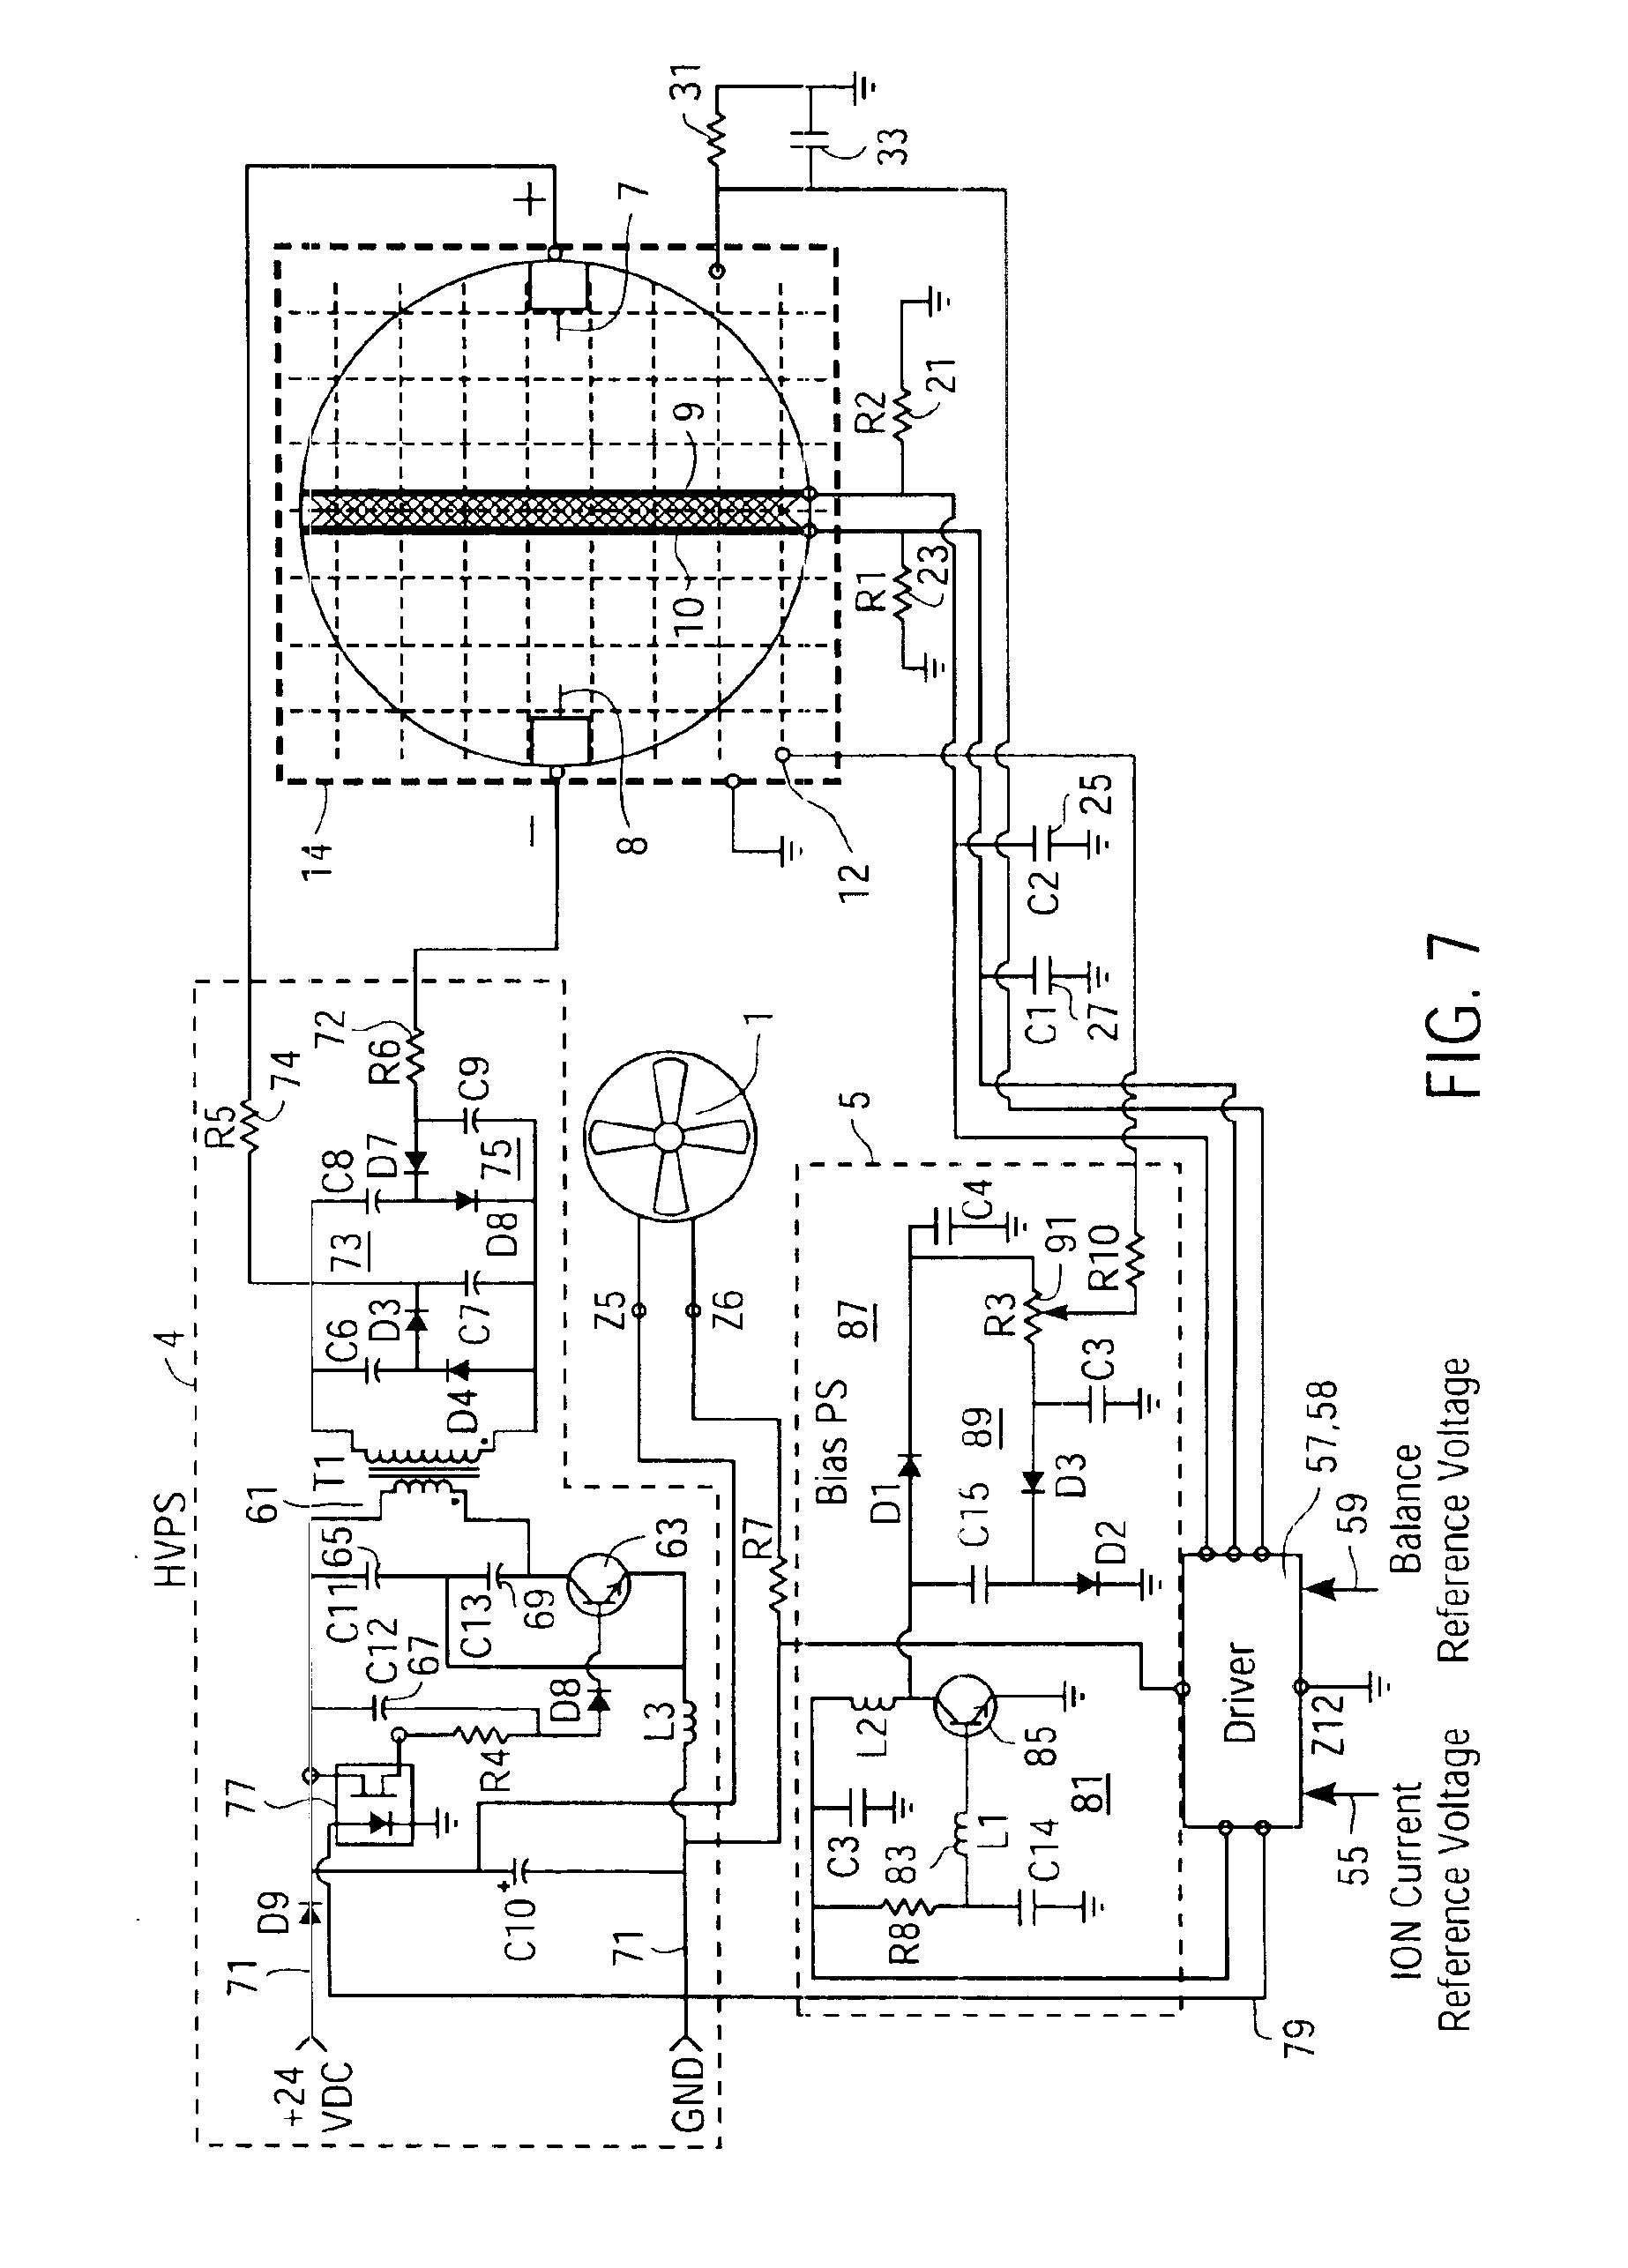 Ευρεσιτεχνίες US6850403 - Air ionizer and method - Ευρεσιτεχνίες Google